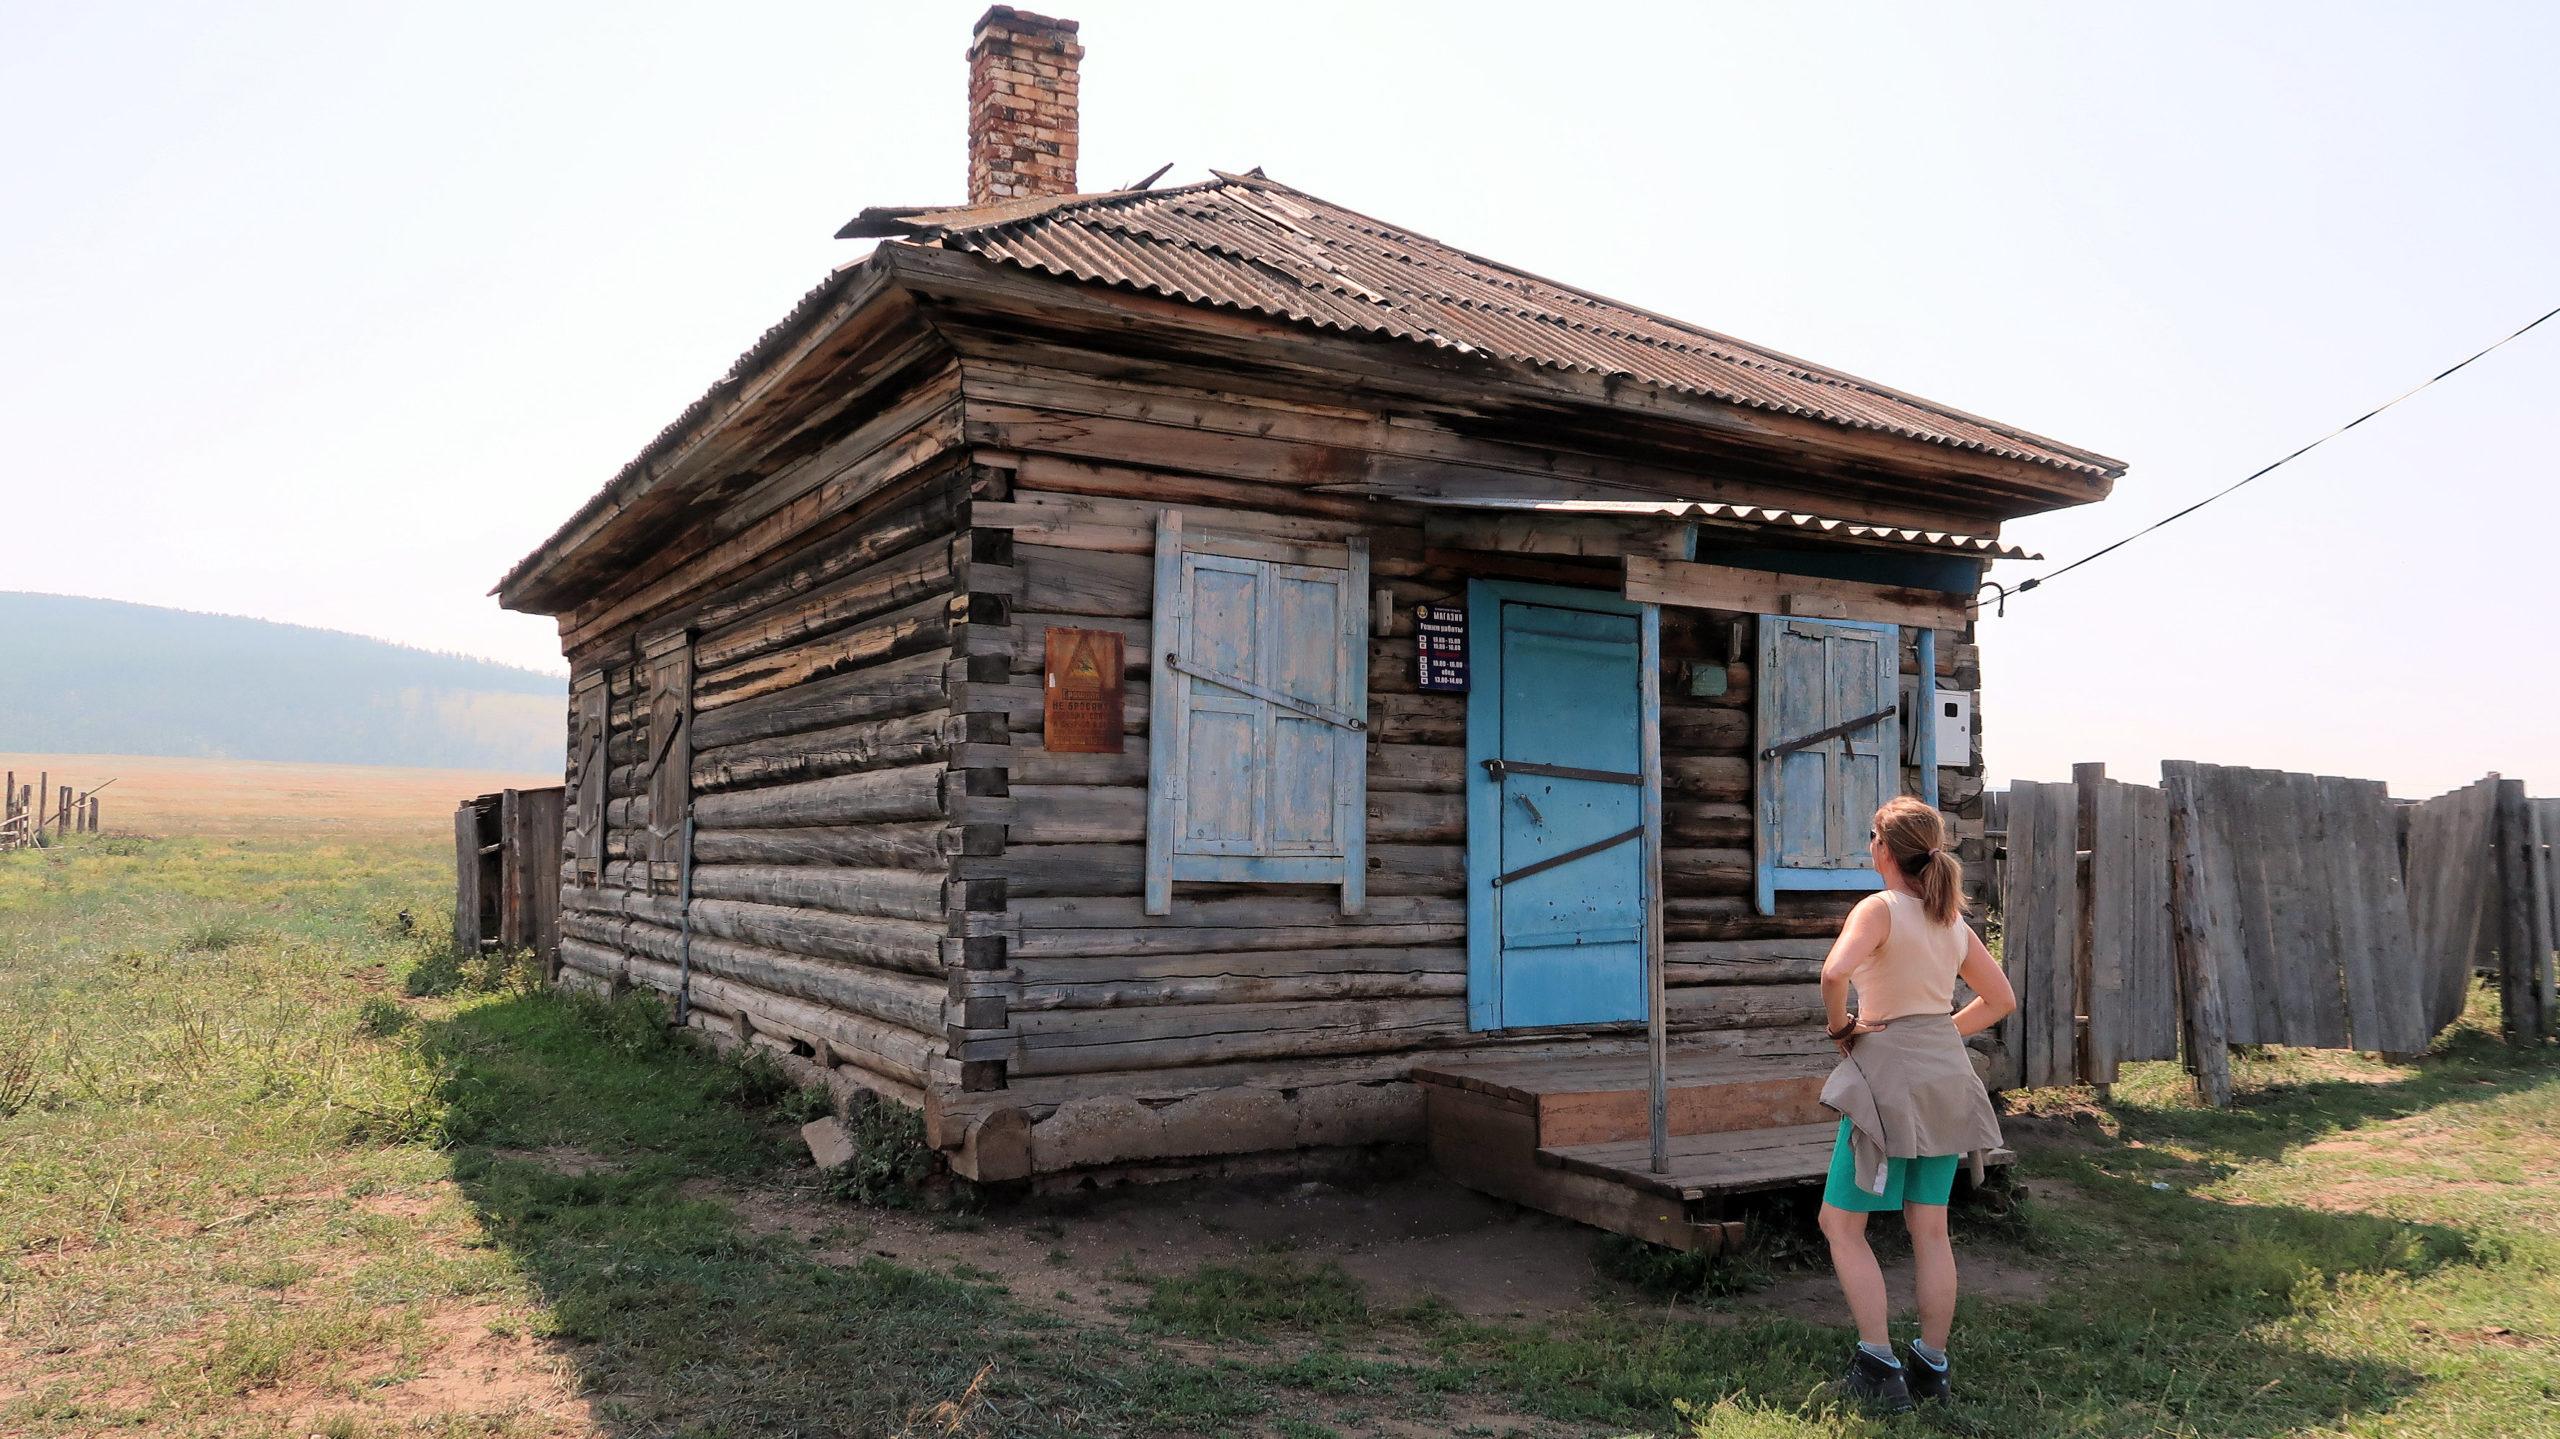 Kiosk am Baikalsee, Russland dem grössten Land der Erde